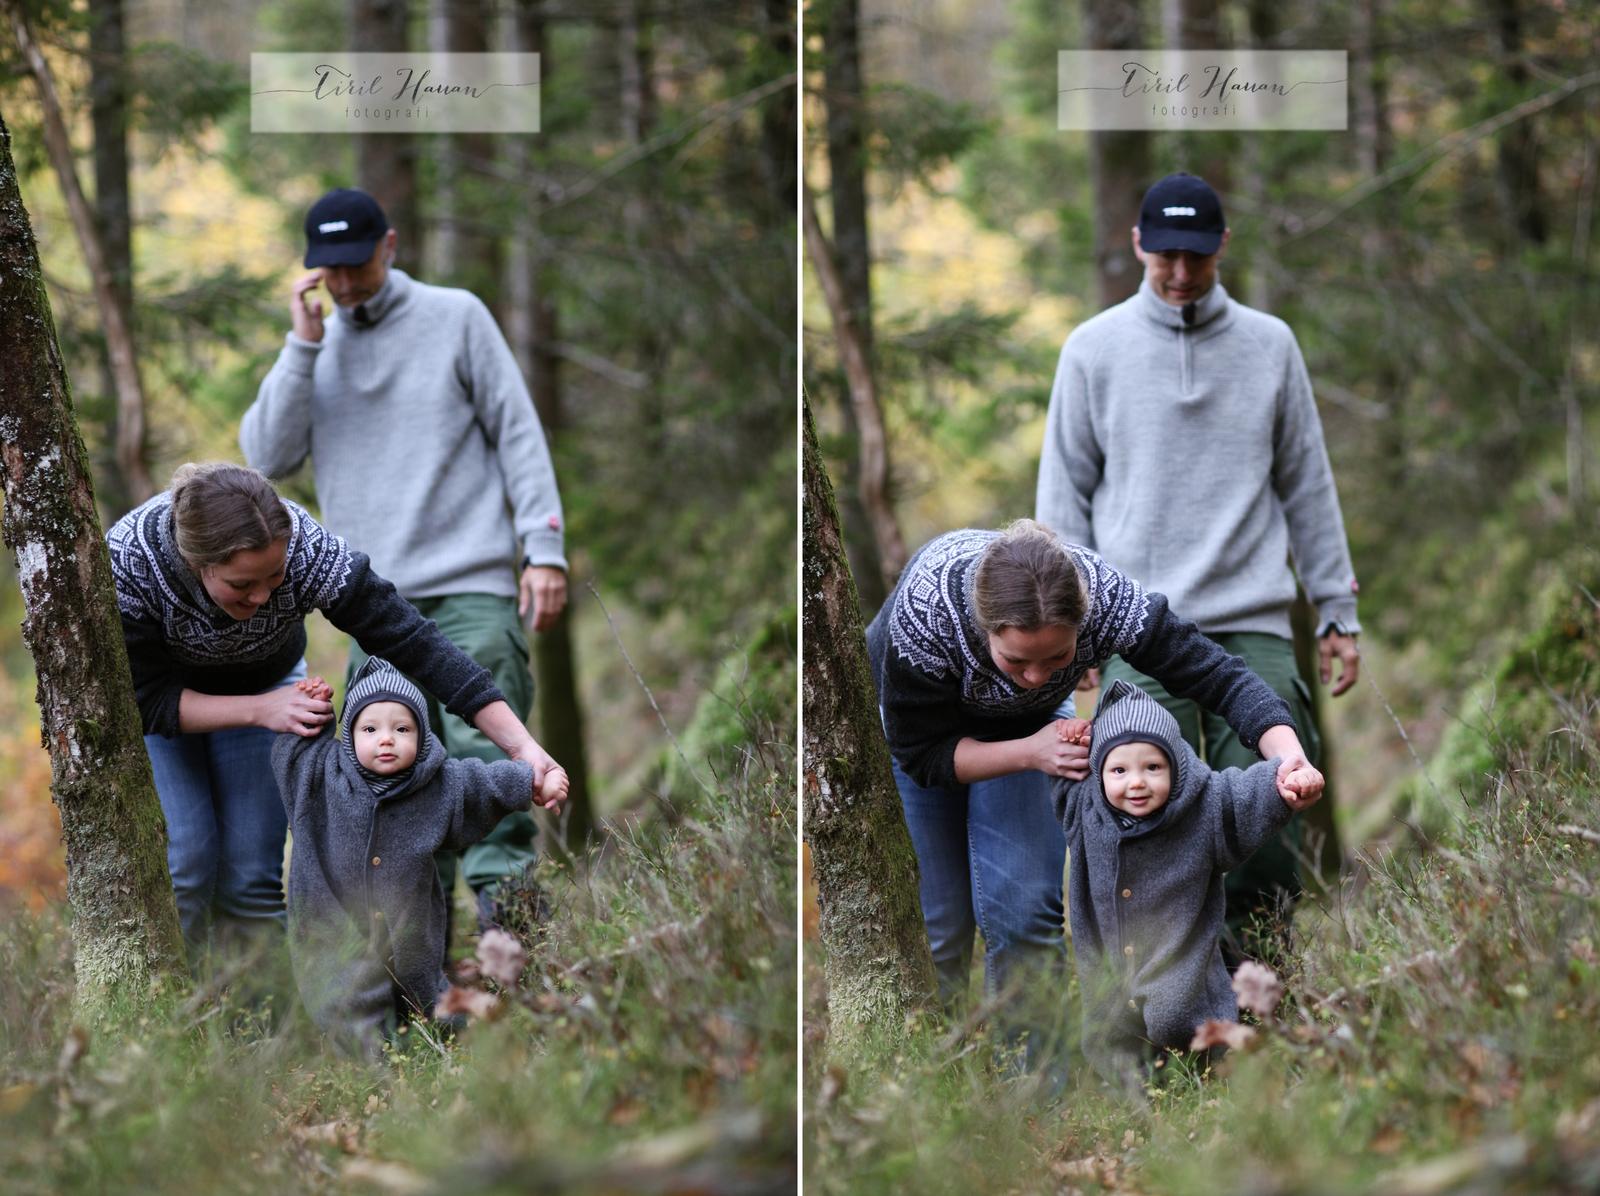 21Brage17.10.14.jpg.montage